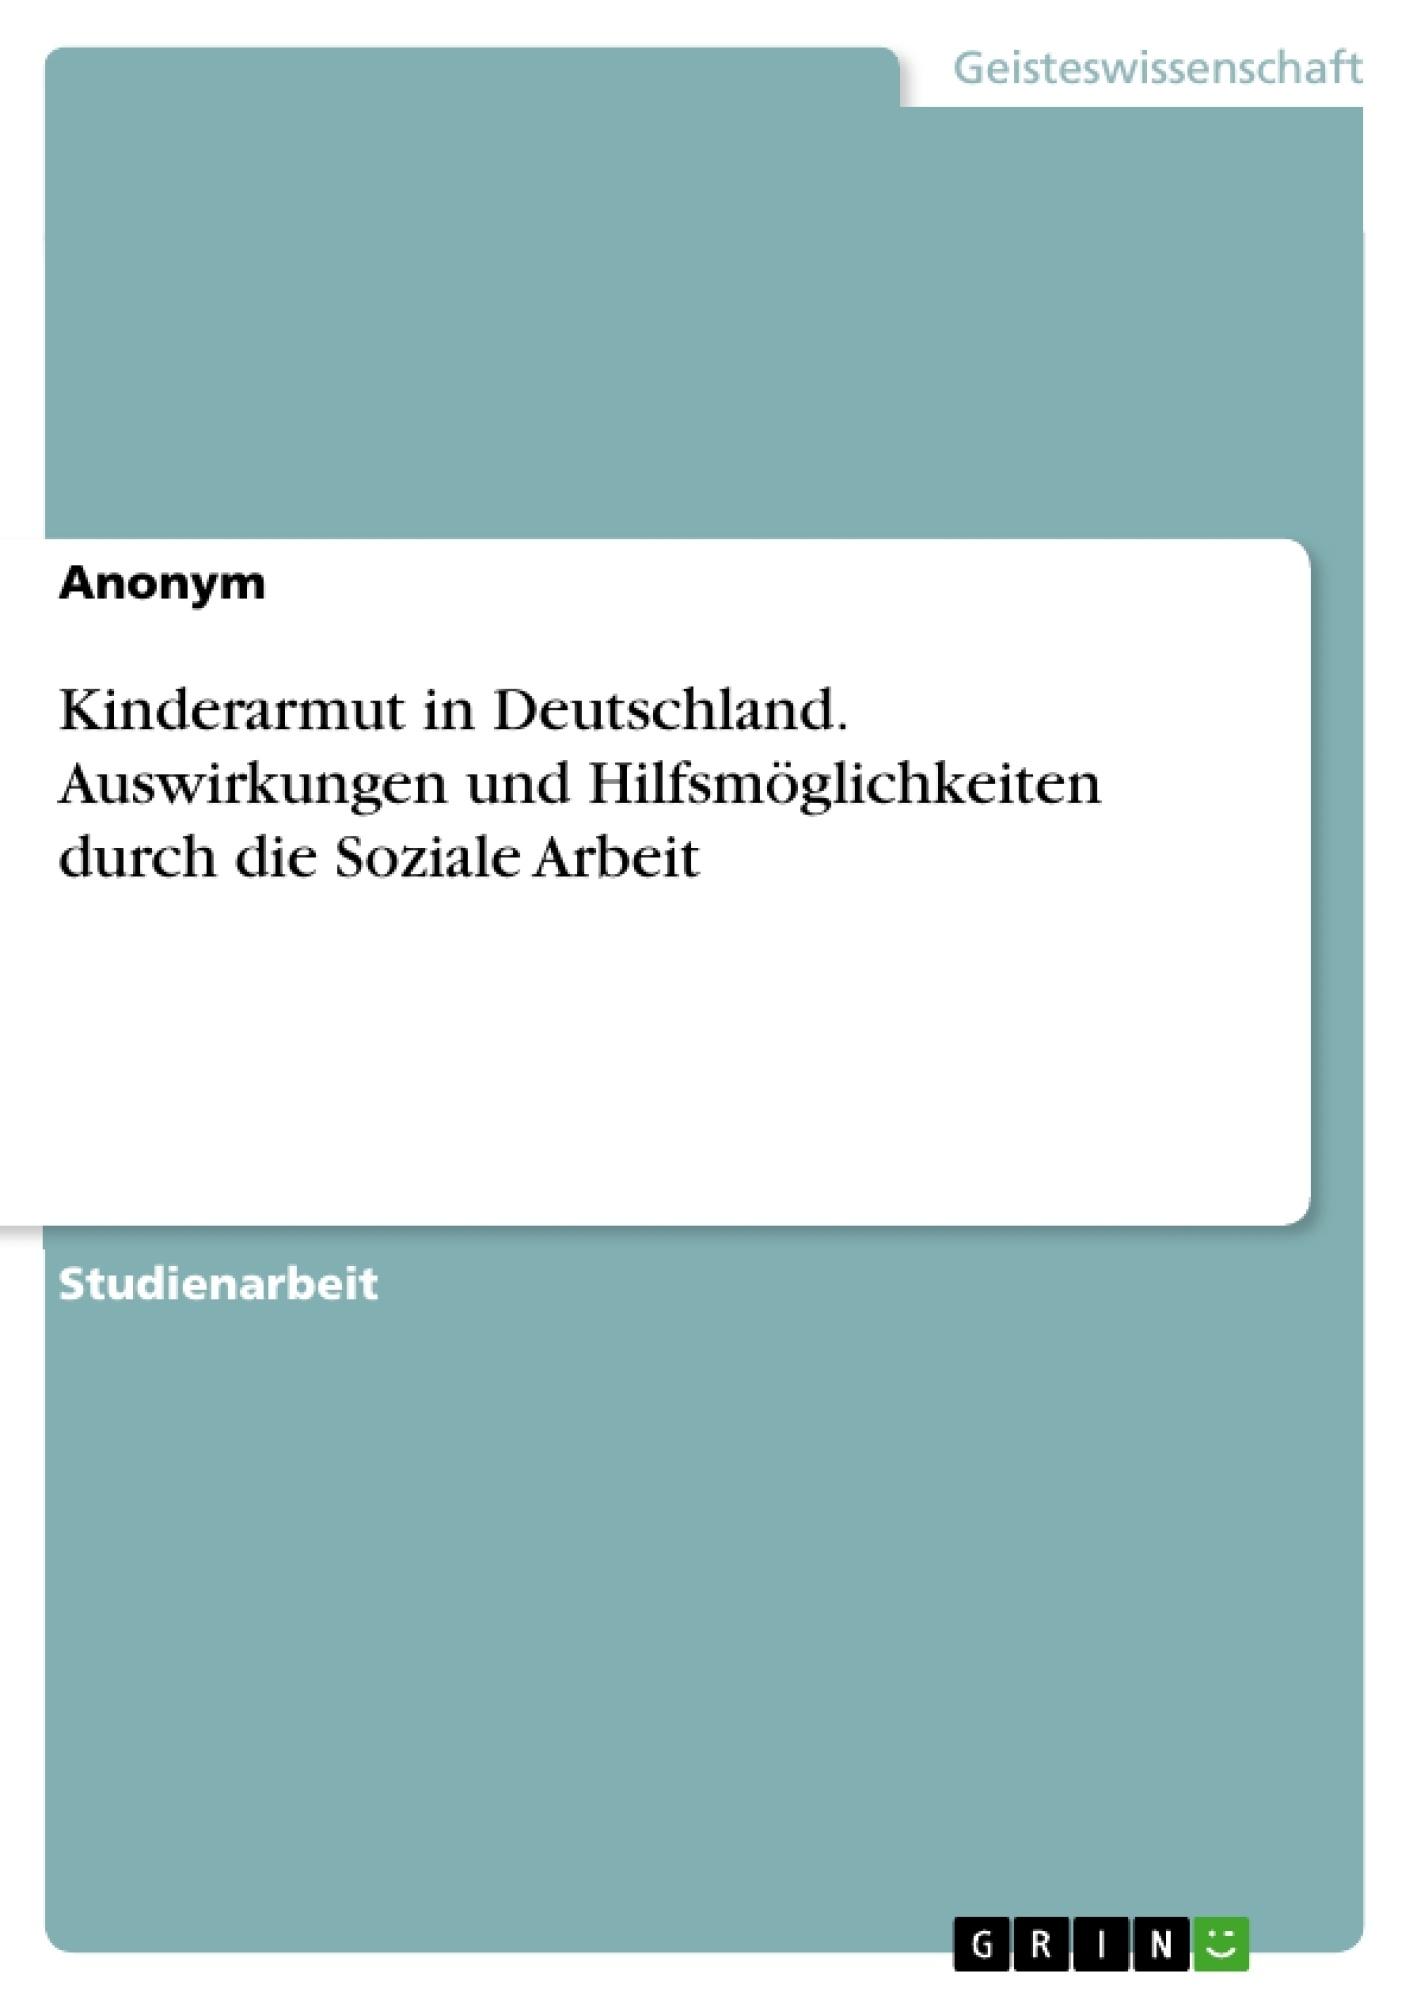 Titel: Kinderarmut in Deutschland. Auswirkungen und Hilfsmöglichkeiten durch die Soziale Arbeit